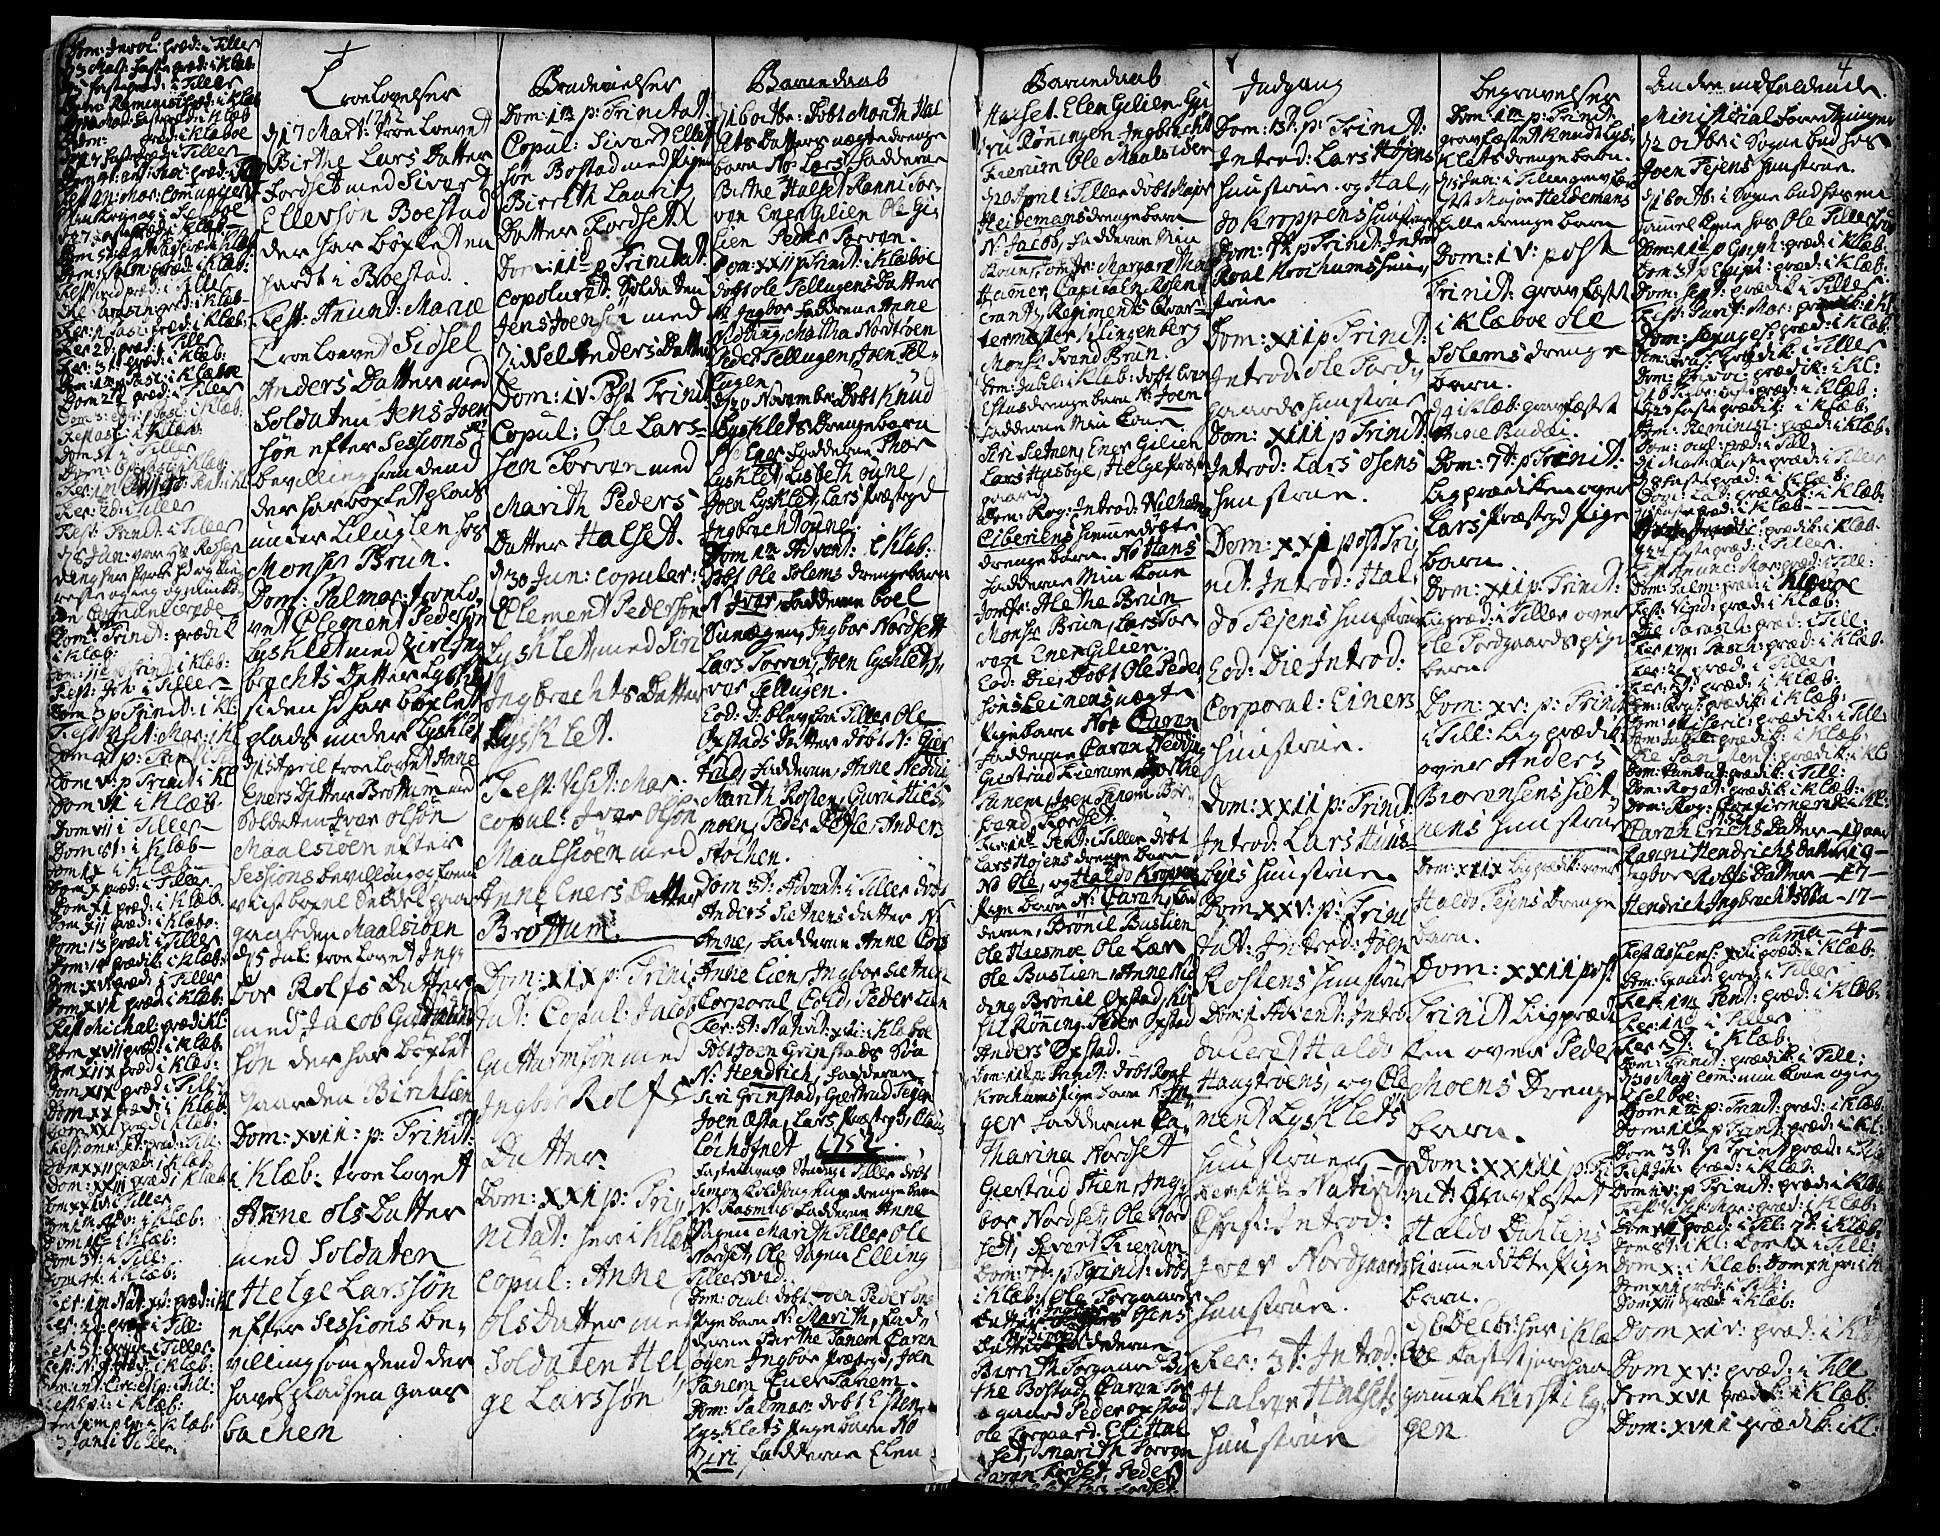 SAT, Ministerialprotokoller, klokkerbøker og fødselsregistre - Sør-Trøndelag, 618/L0437: Ministerialbok nr. 618A02, 1749-1782, s. 4